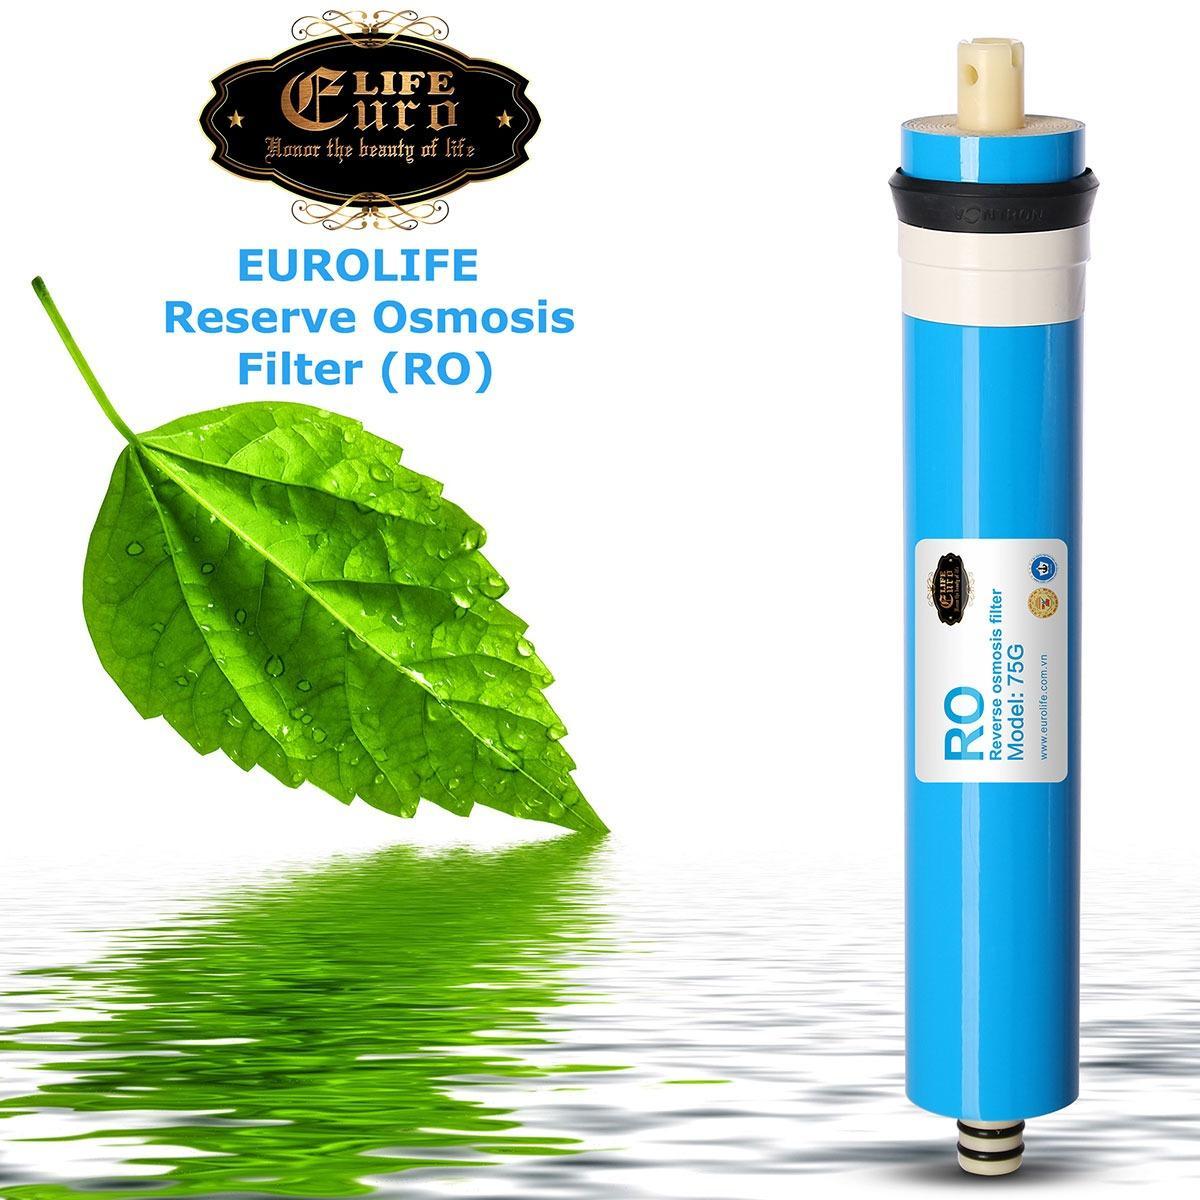 Cửa Hàng Loi Lọc Ro Dung Cho May Lọc Ro Eurolife Reverse Osmosis Filter Trong Hồ Chí Minh